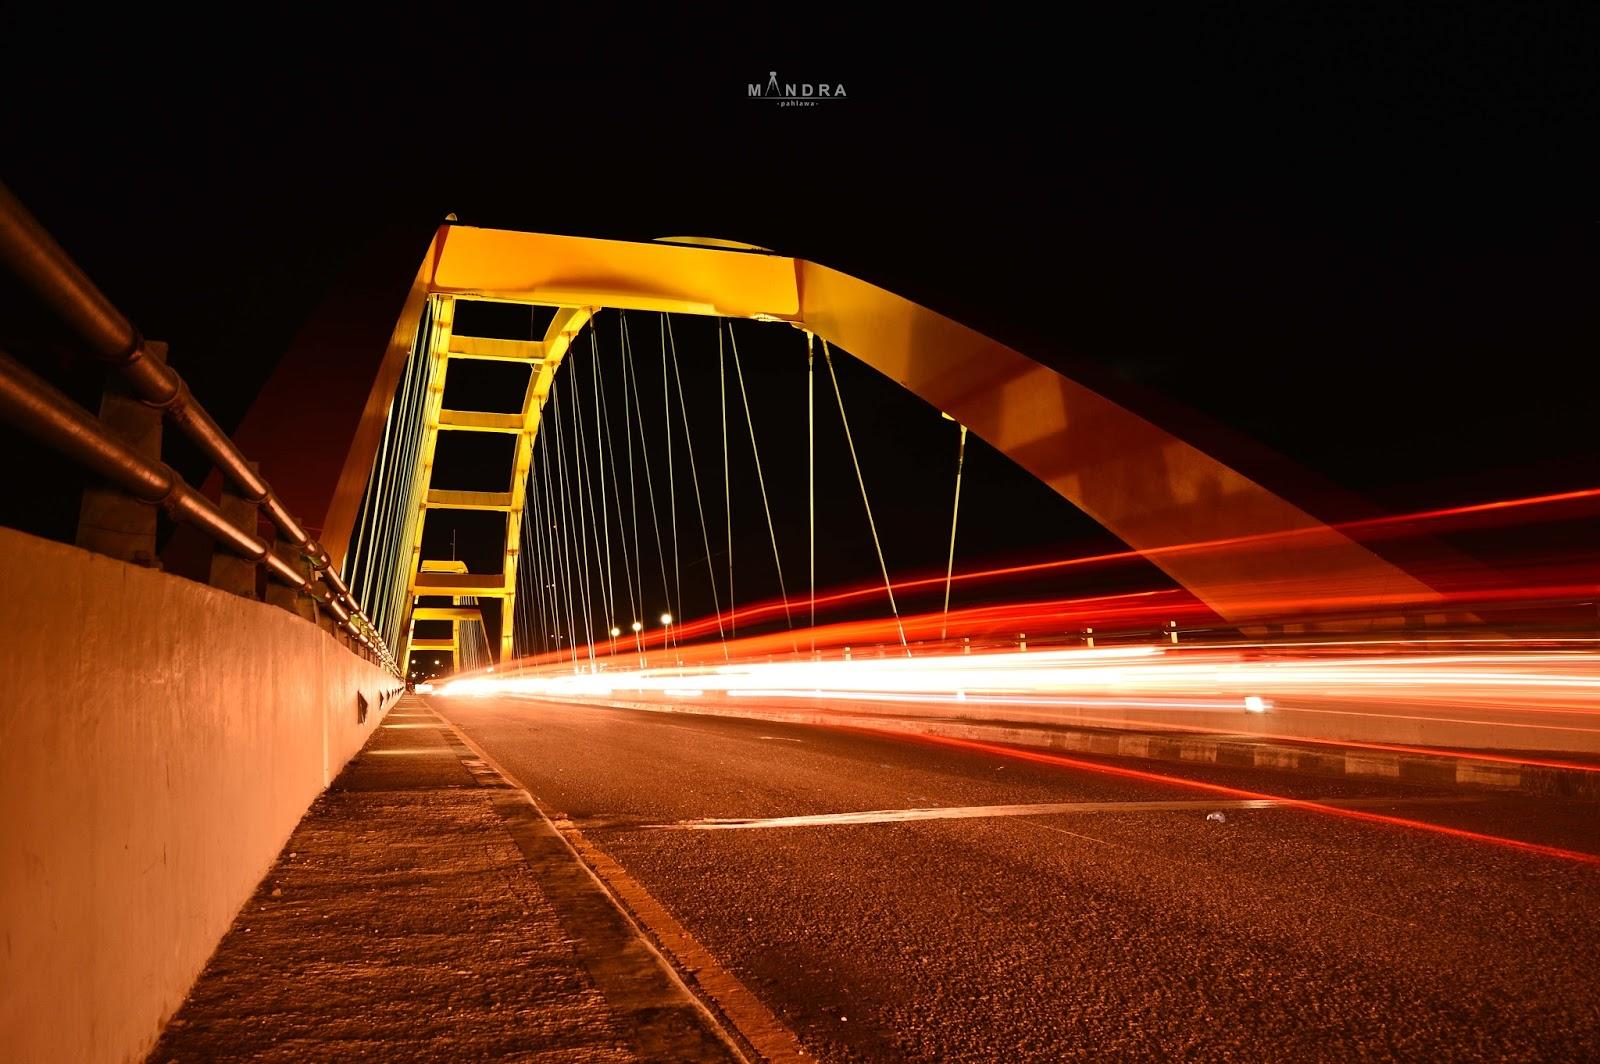 Romantika Sore Kota Palu Mandra Pahlawa Jembatan Iv Malam Hari